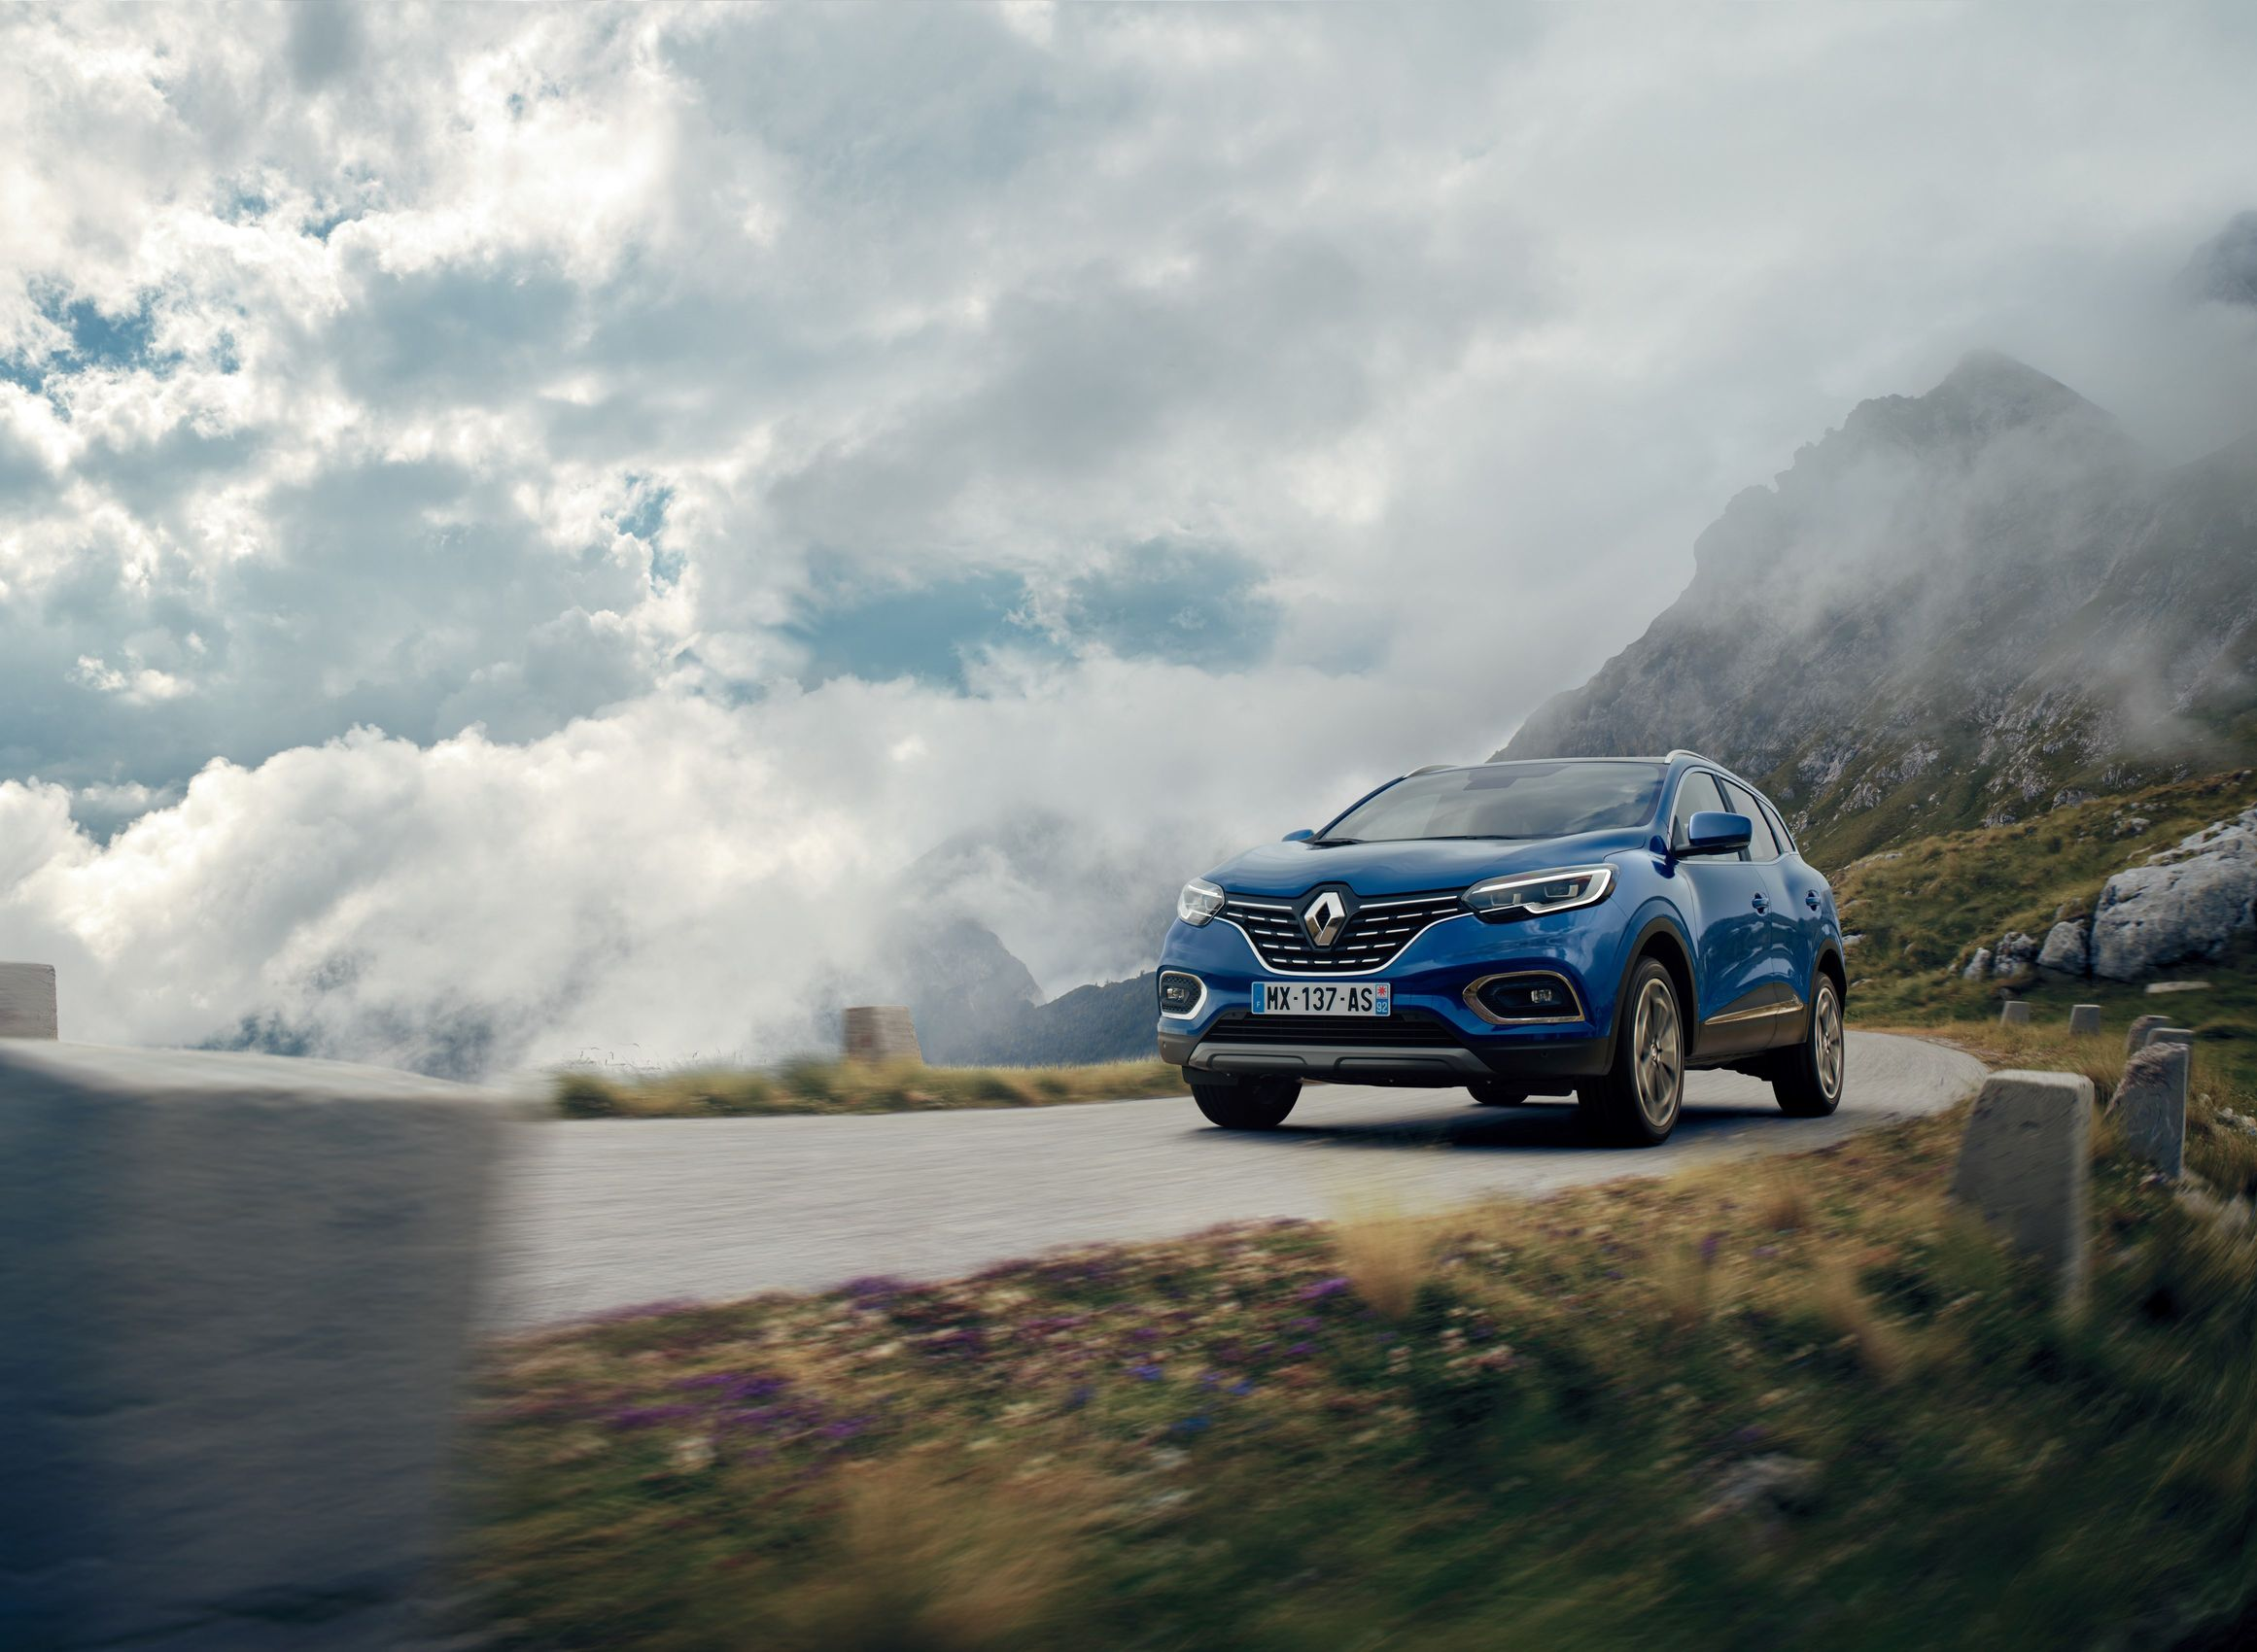 Το νέο Renault KADJAR έρχεται αναβαθμισμένο σε όλα τα επίπεδα, εξελίσσοντας τη στιβαρή και κομψή εμφάνισή του αλλά και αξιοποιώντας τη νέα γενιά κινητήρων βενζίνης και diesel της Renault για κορυφαία οδηγική απόλαυση. Το Renault KADJAR, που παρουσιάστηκε το 2015, κατάφερε να καθιερωθεί στη δημοφιλή κατηγορία των SUV. Στοιχεία όπως η πληθωρική, αλλά κομψή και δυναμική του εμφάνιση καθώς και οι εκτός δρόμου ικανότητες, όπως προκύπτουν από το εξελιγμένο σύστημα τετρακίνησης που διαθέτει, κέρδισαν πάνω από 450.000 πελάτες σε περισσότερες από 50 χώρες, που διατίθεται το μοντέλο. Τώρα, το νέο KADJAR έρχεται αναβαθμισμένο σε όλους τους τομείς για να ανεβάσει σε ακόμα πιο υψηλά επίπεδα την αισθητική, την άνεση και το δυναμισμό. Η εμφάνισή του διατηρεί τις γνώριμες γραμμές, αλλά υιοθετεί πινελιές που το κάνουν να δείχνει πιο φρέσκο και πιο ποιοτικό. Το εσωτερικό του είναι ανασχεδιασμένο με έμφαση στην άνεση, την ποιότητα και τον εργονομικό σχεδιασμό, προάγοντας την ευχρηστία και την καθημερινή εμπειρία συμβίωσης μαζί του. Τέλος, και πιο σημαντικό, το νέο KADJAR εξοπλίζεται με εντελώς νέους κινητήρες βενζίνης και diesel. Εξωτερική σχεδίαση: Αναβάθμιση σε κάθε λεπτομέρεια Η σχεδίαση του νέου Renault KADJAR γίνεται ακόμα πιο κομψή, με πιο ρευστές γραμμές και πιο εκλεπτυσμένα διακοσμητικά στοιχεία. Εμπρός, η «φωτεινή υπογραφή» της Renault με την μορφή των C-Shaped φωτιστικών παραμένει, ενώ εντυπωσιάζουν τα νέα φλας LED και οι προβολείς ομίχλης με τεχνολογία LED Pure Vision, για μεγαλύτερη εξοικονόμηση ενέργειας. Στο πίσω μέρος, η τεχνολογία LED υιοθετήθηκε και για τα φλας, το φως όπισθεν και τα φώτα ομίχλης που είναι πλέον λεπτότερα και ενσωματωμένα στον προφυλακτήρα για ακόμα κομψότερη εμφάνιση. Παράλληλα, ανασχεδιασμένη είναι η γρίλια της μάσκας με διακοσμητικά χρωμίου, ενώ πιο εκλεπτυσμένοι είναι και οι προφυλακτήρες εμπρός και πίσω. Τέλος, το νέο KADJAR είναι διαθέσιμο με δύο νέα σχέδια ζαντών αλουμινίου 17 & 19 ιντσών, ενώ εμπλουτισμένη είναι και η χρωματική του παλέτα. Εσω